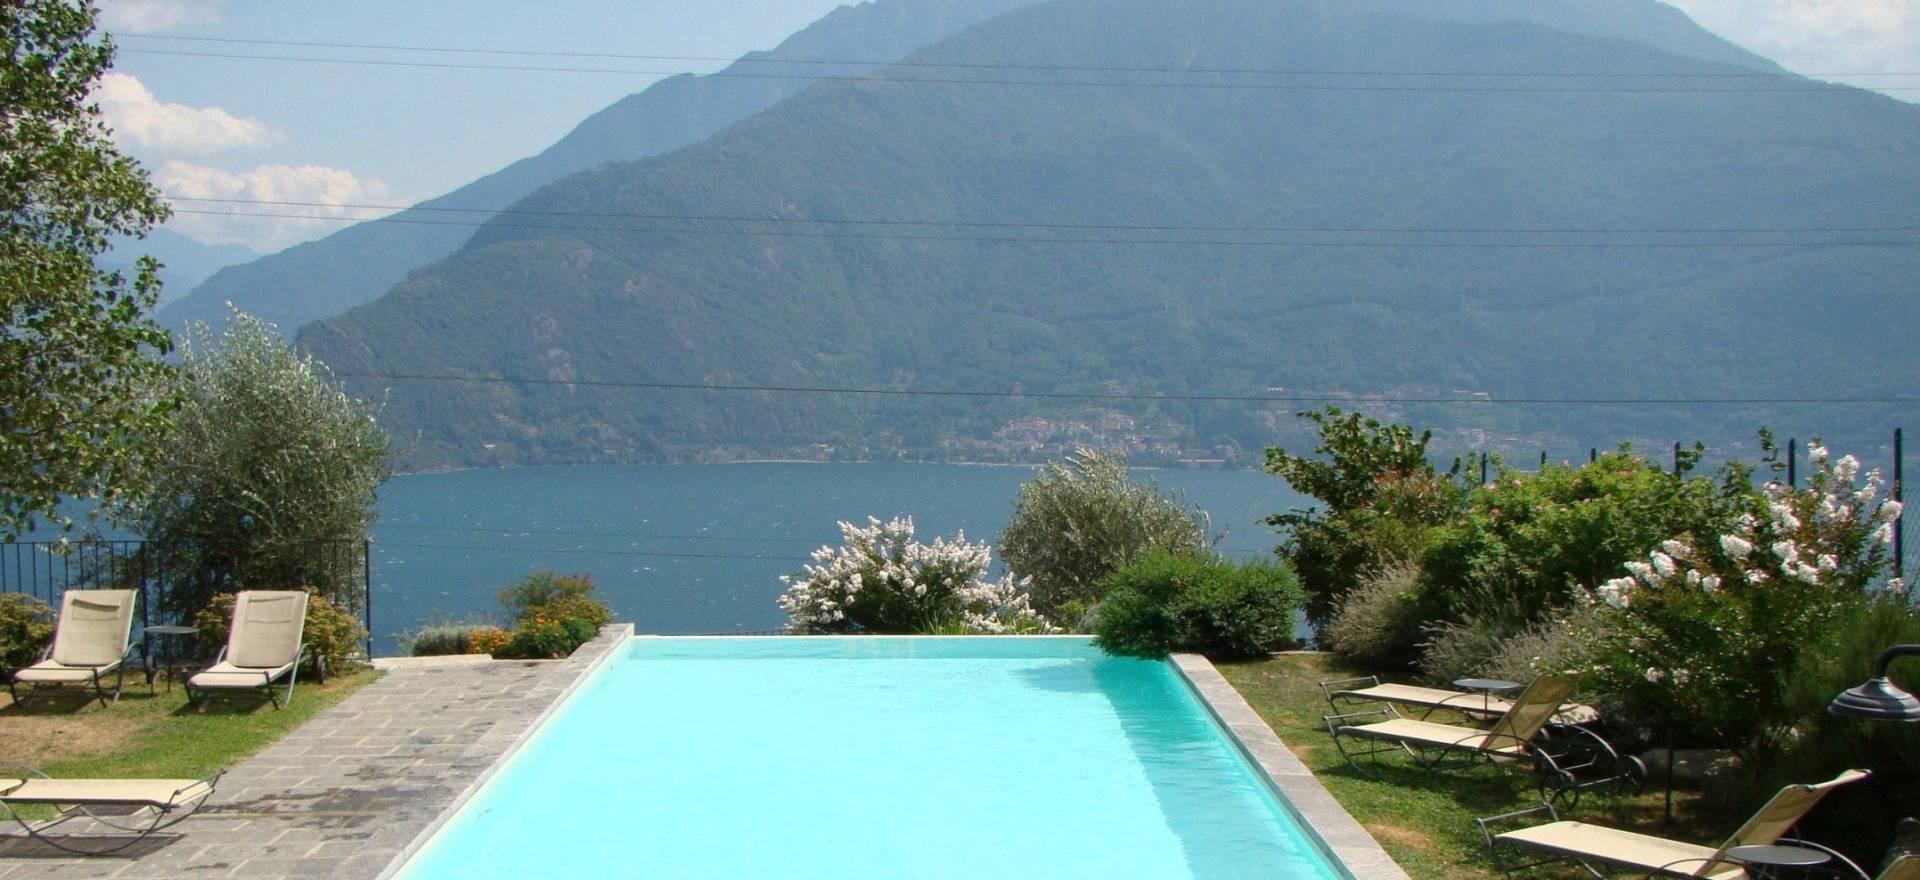 Agriturismo Comer See und Gardasee Luxuriöser Agriturismo Comer See mit Pool!